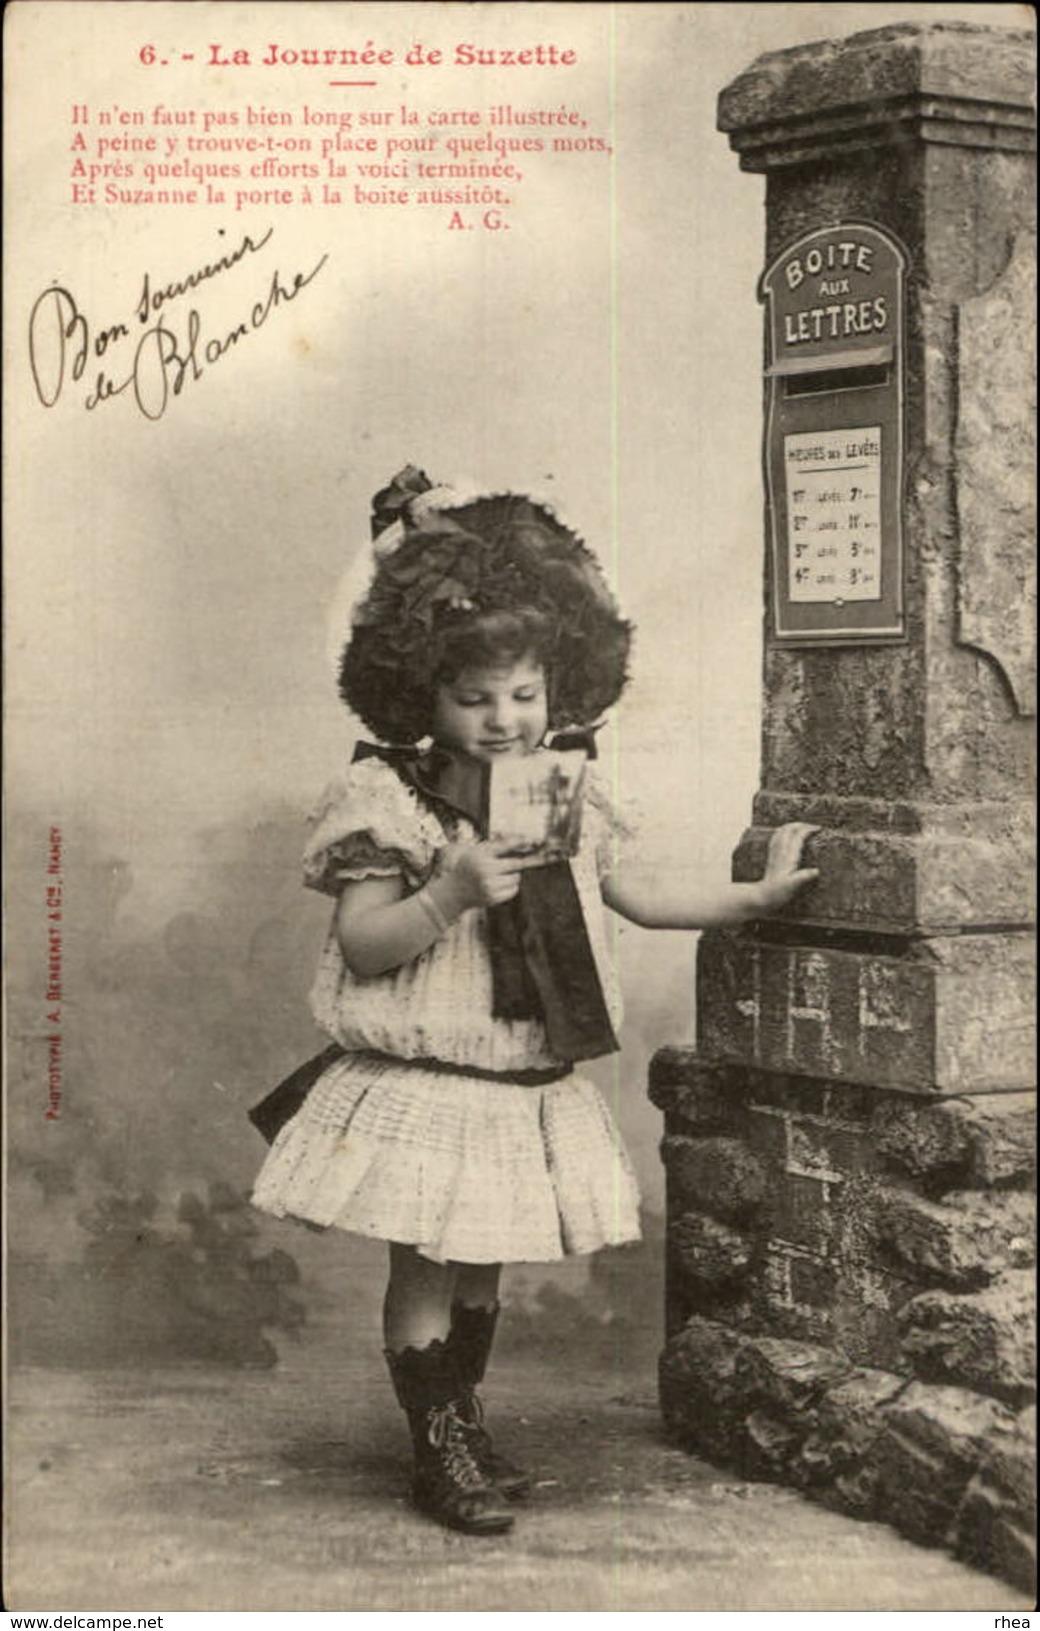 POUPEES - Fantaisie - Jouets - Fantaisie Enfants - Très Belle Série De 8 Cartes - Jeux Et Jouets